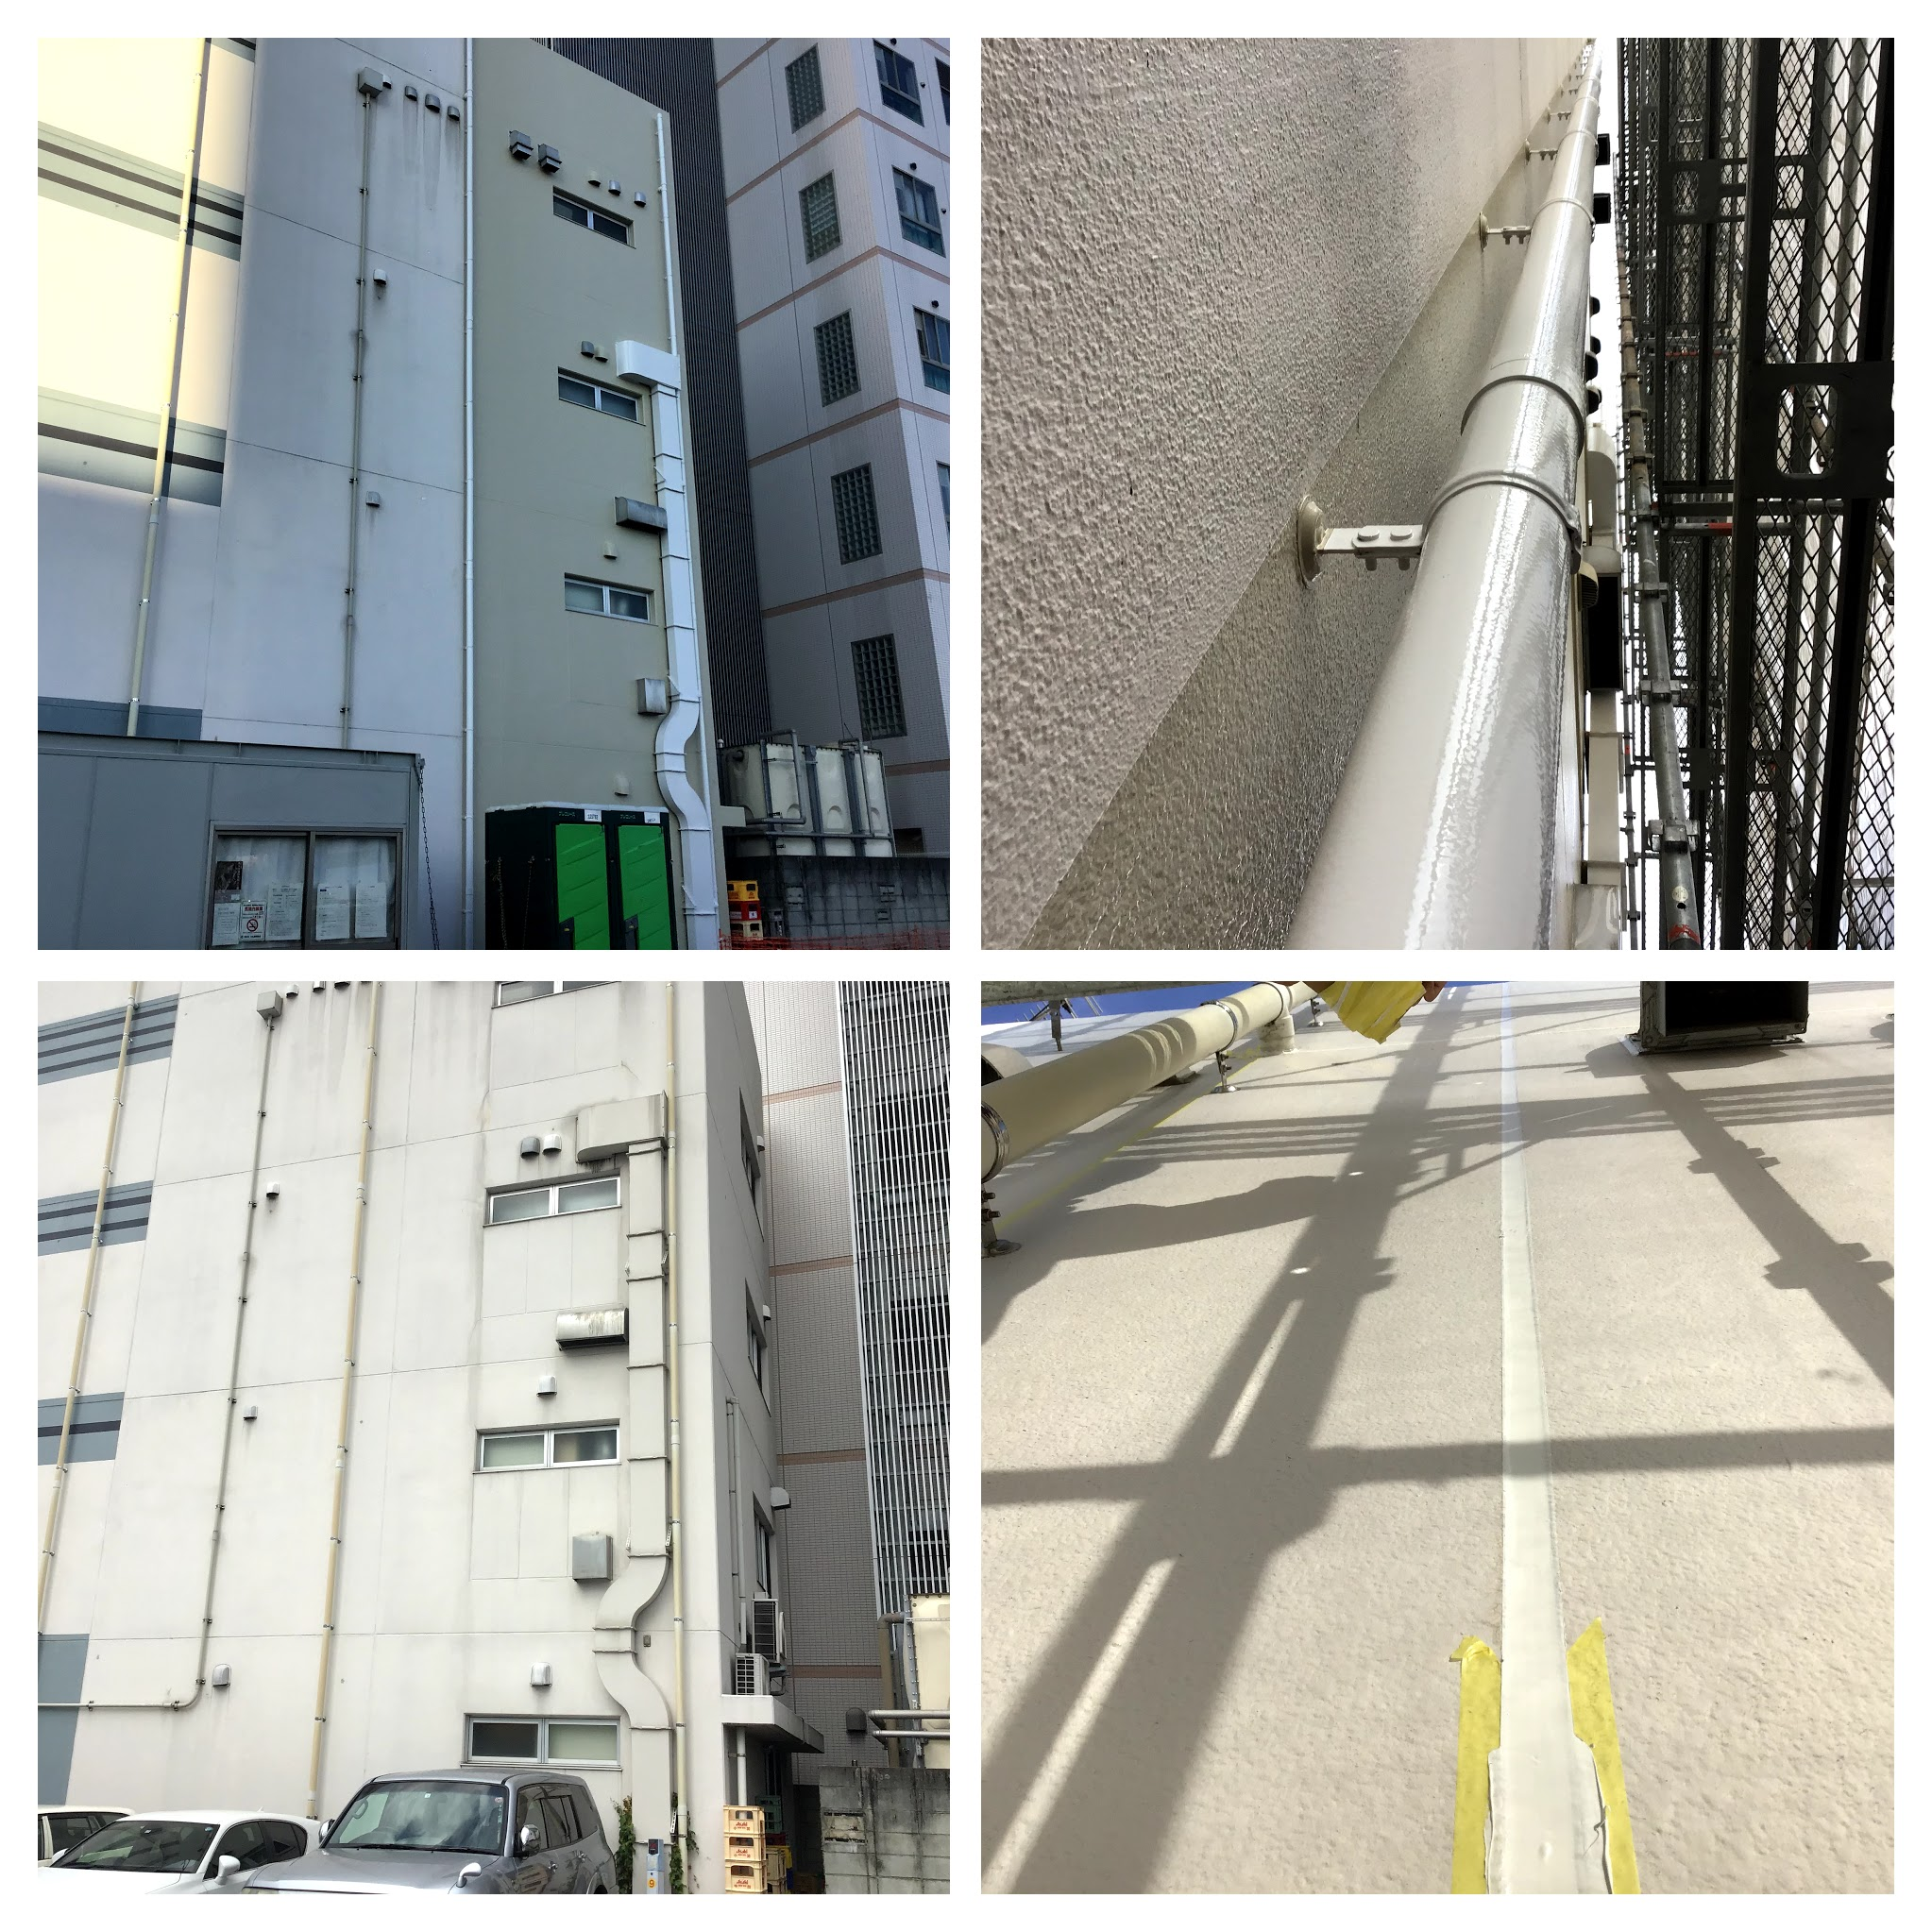 熊本市西区春日T酒店外壁塗装工事